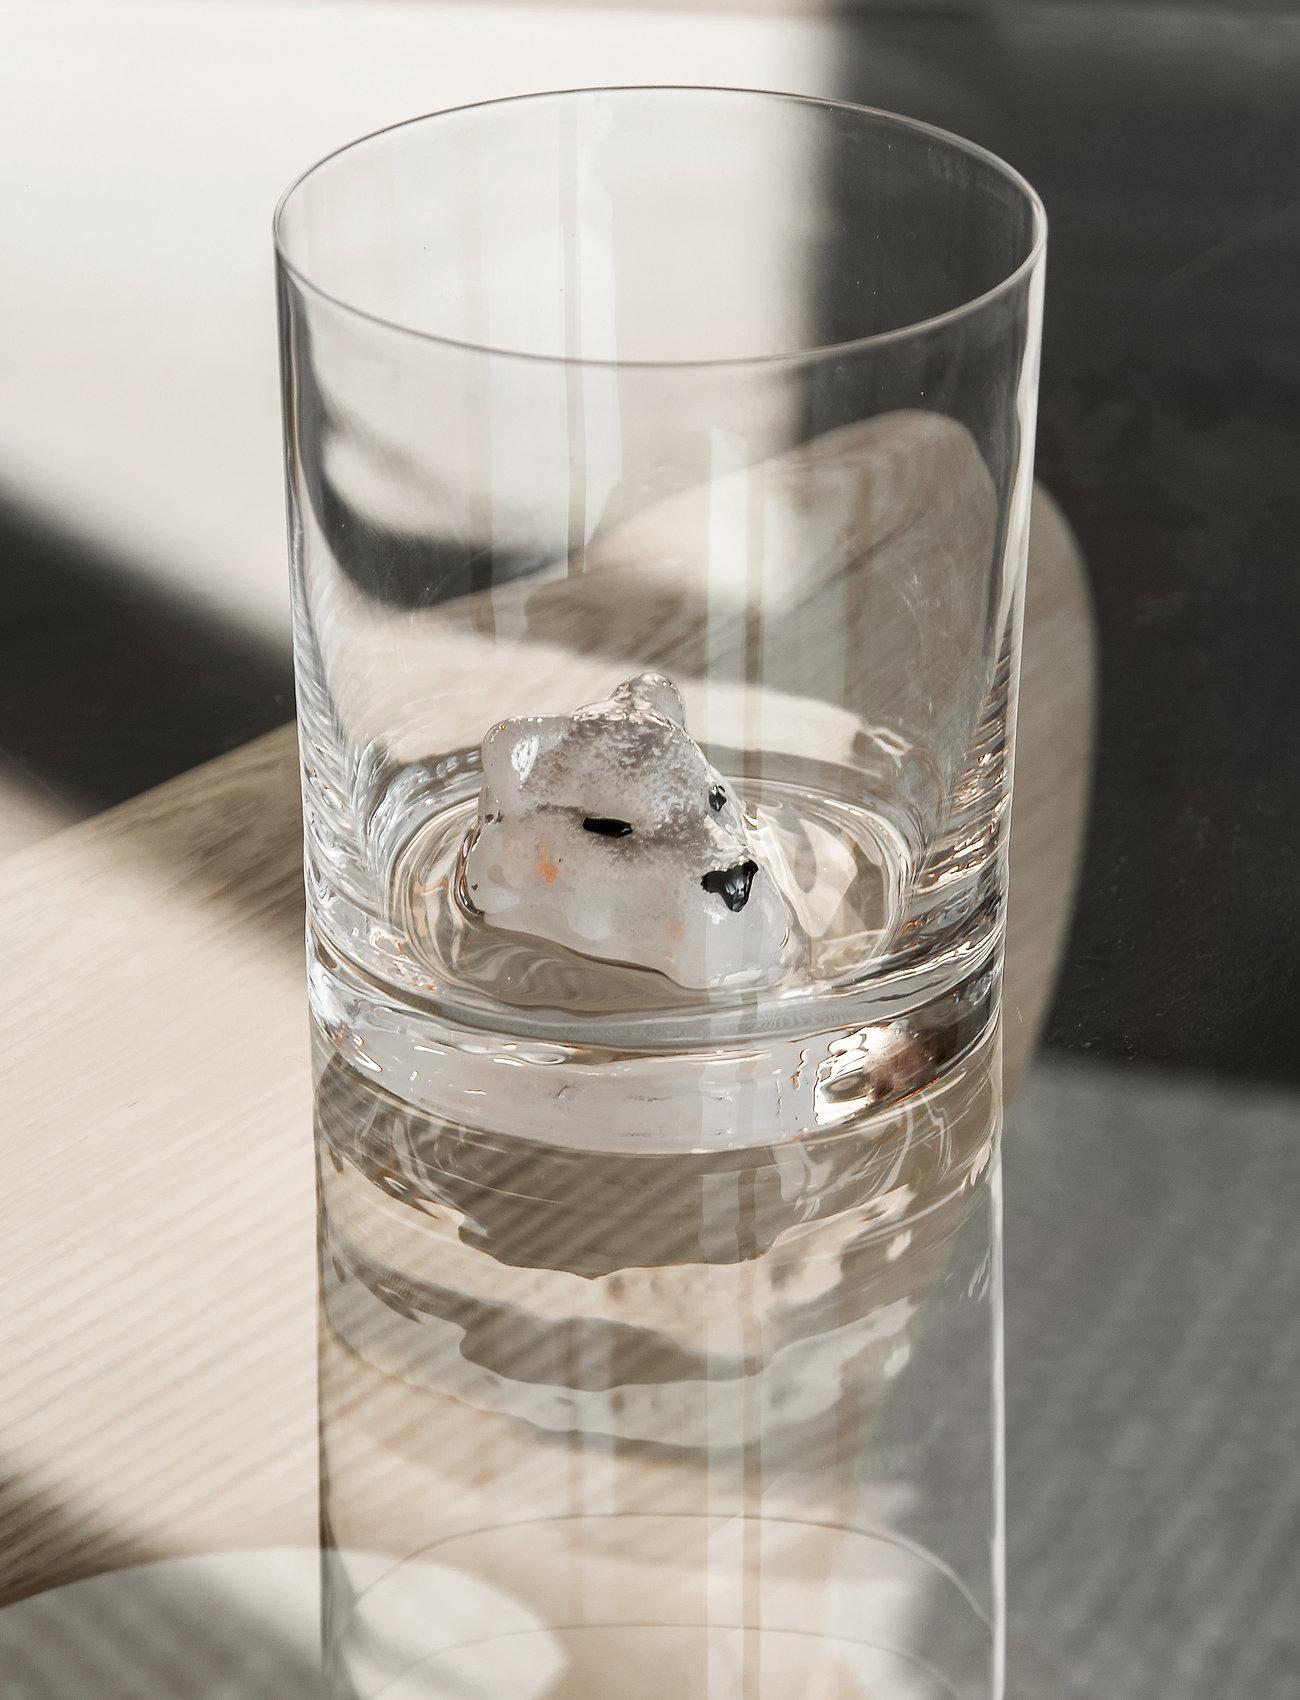 Kosta Boda - NEW FRIENDS TUMBLER ARTIC FOX 46 CL (40CL) - whiskyglass & cognacglass - clear - 1